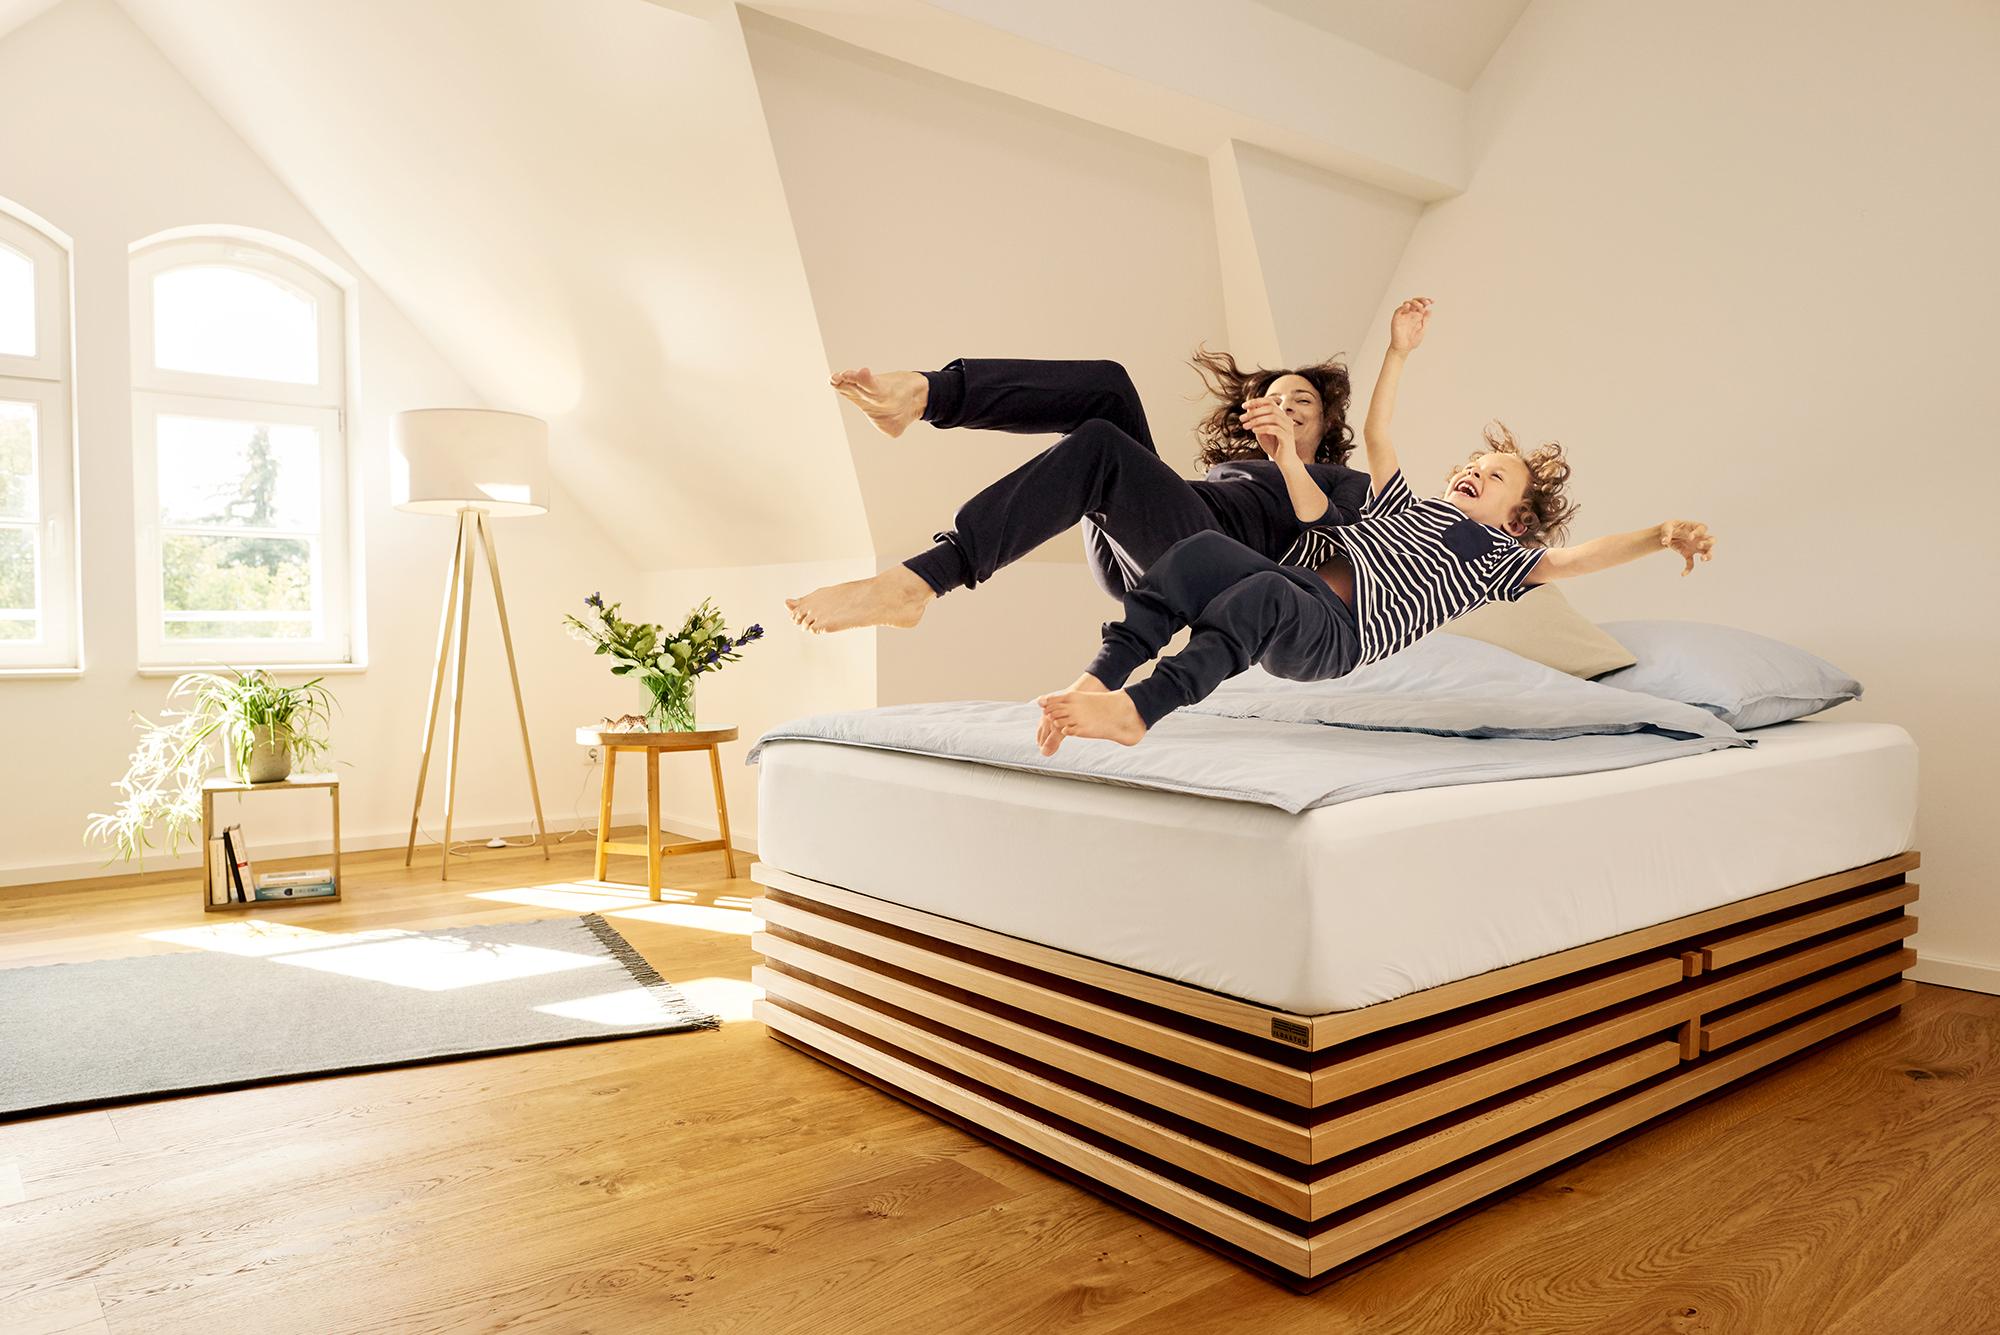 Mutter und Kind springen auf eine stylische Matratze